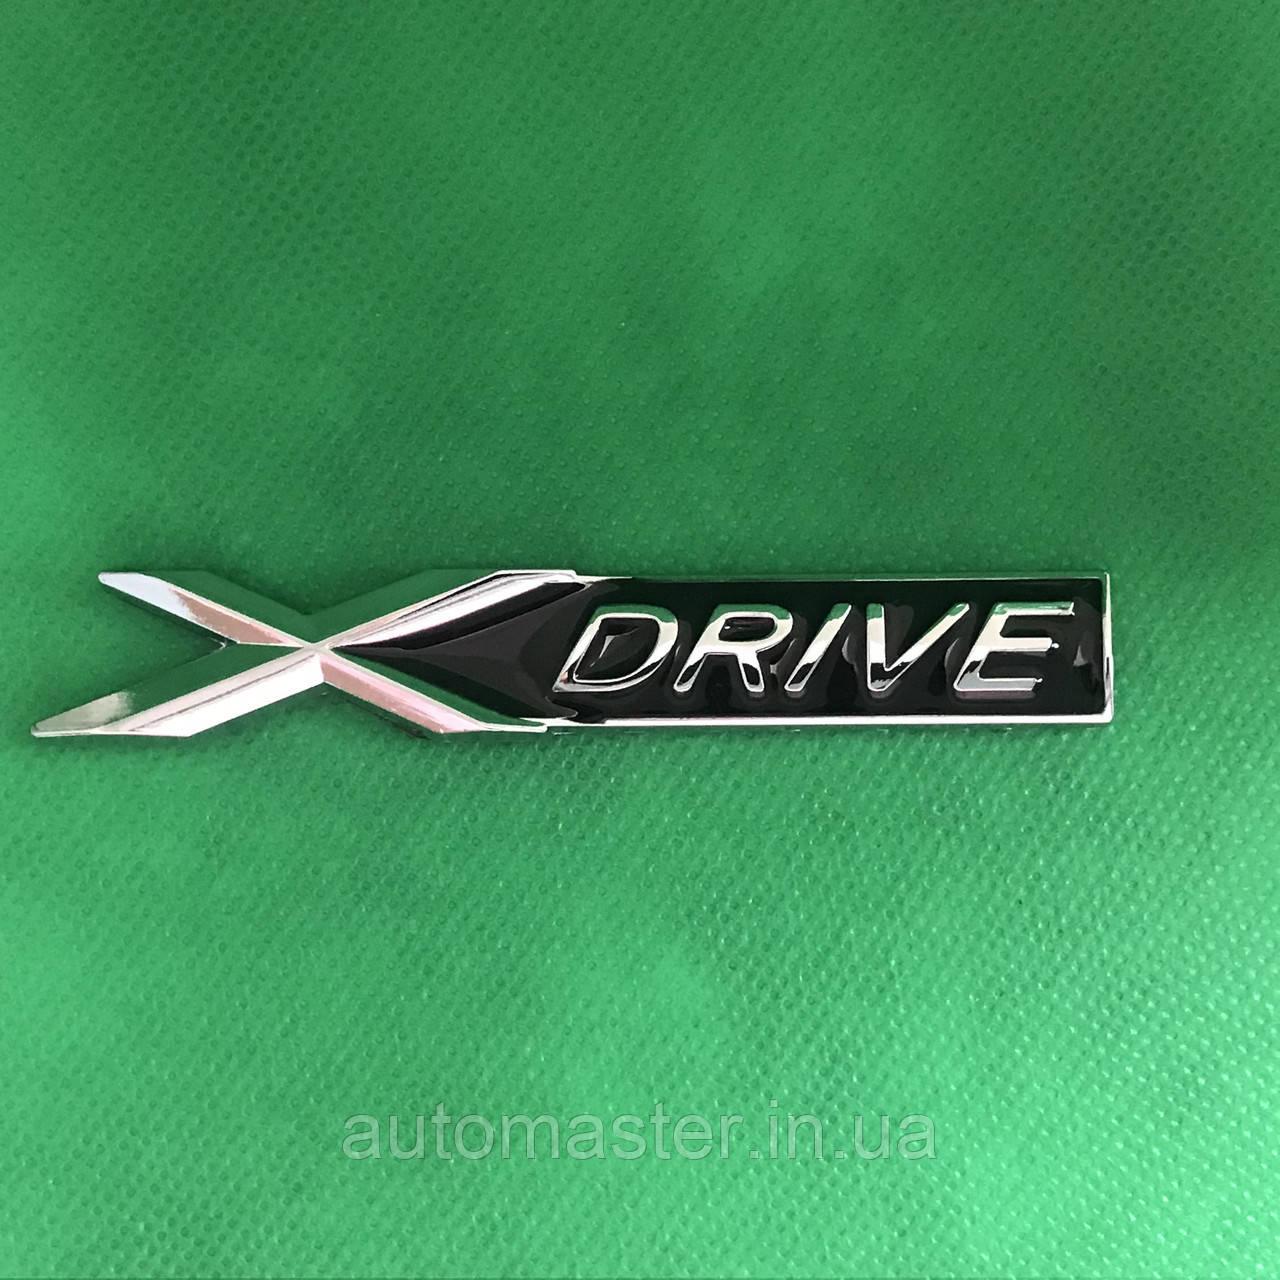 Емблема значок логотип BMW / БМВ X drive